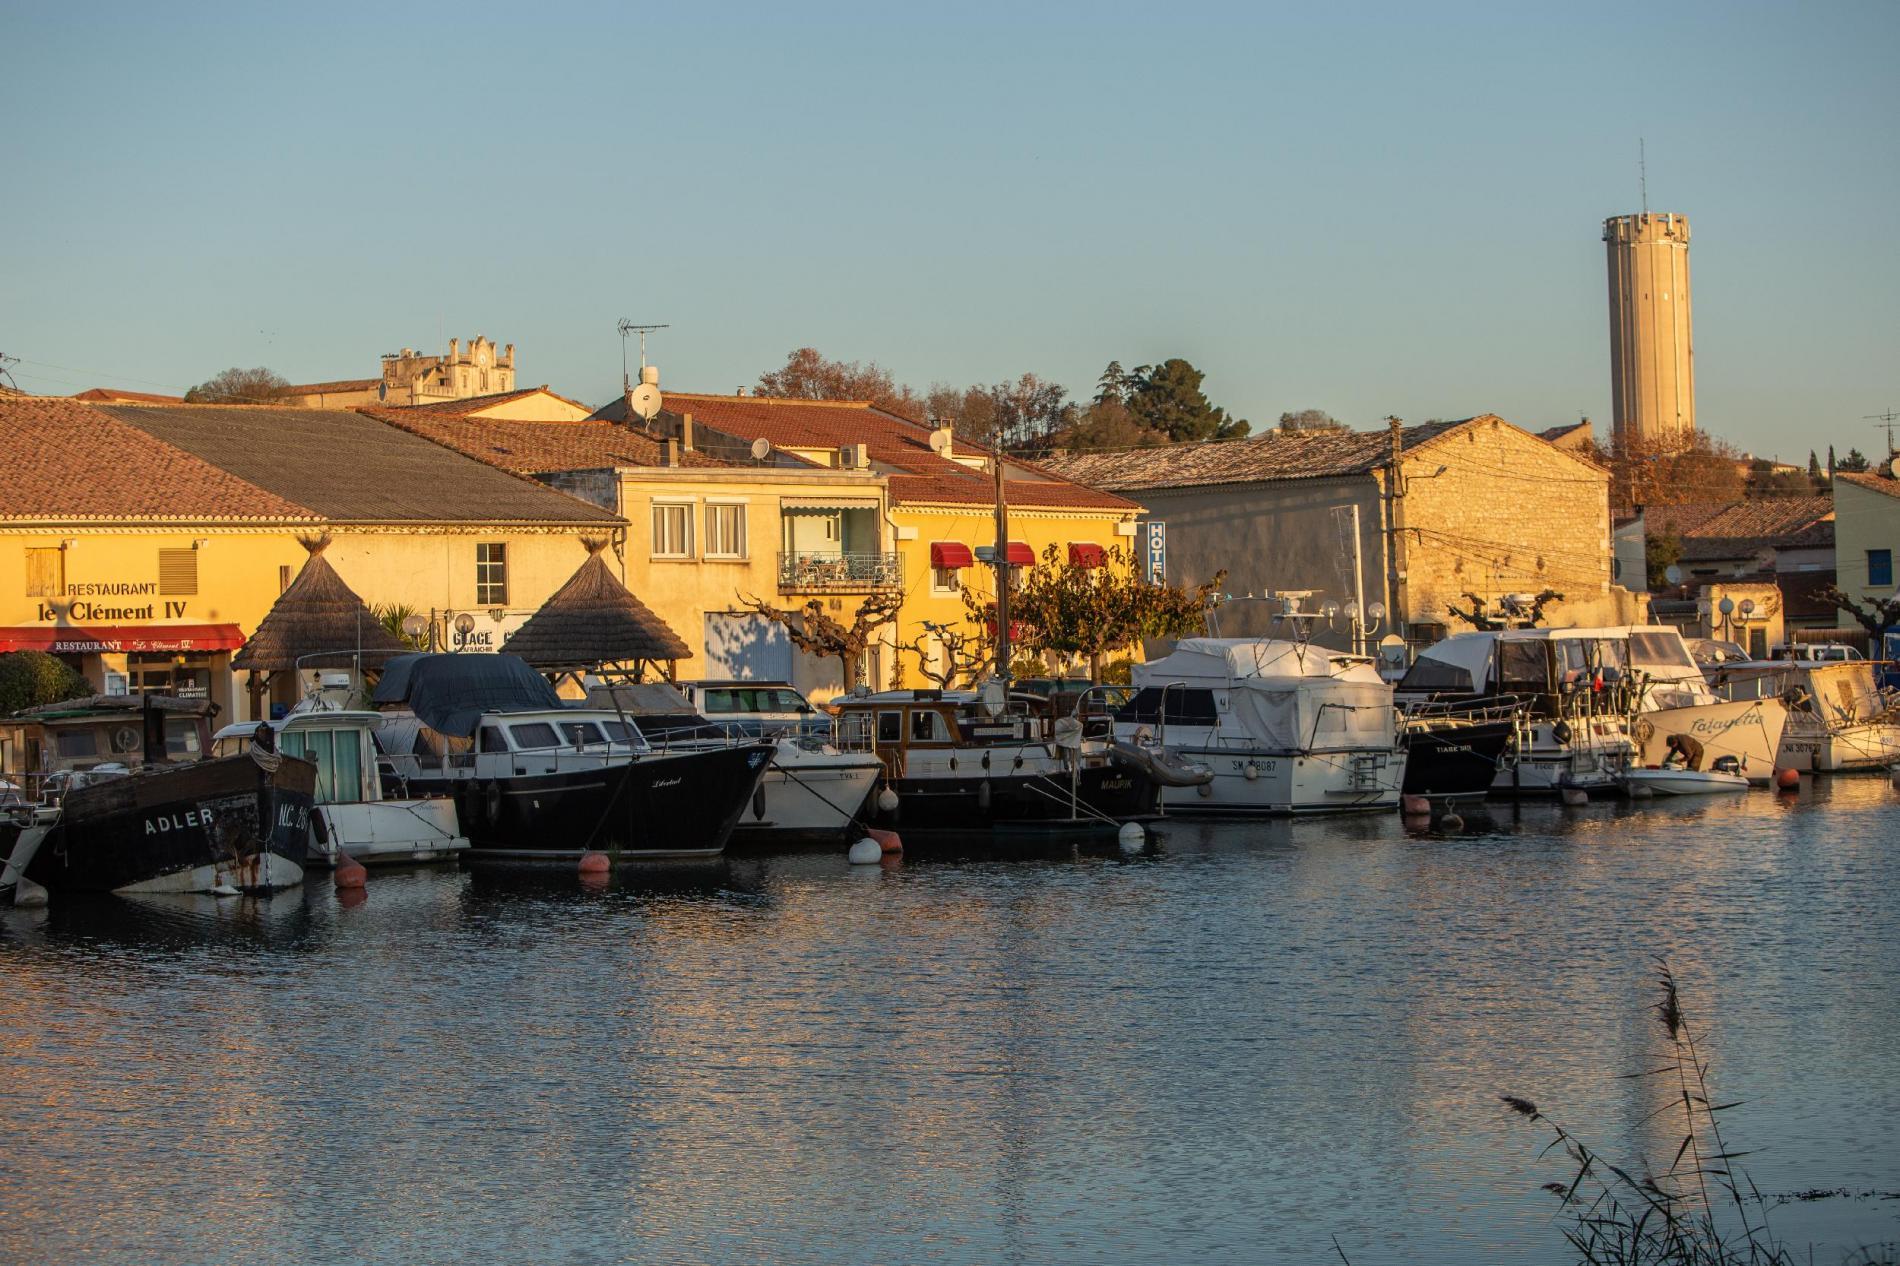 Le port et les bateaux face à l'Hôtel Héraclée